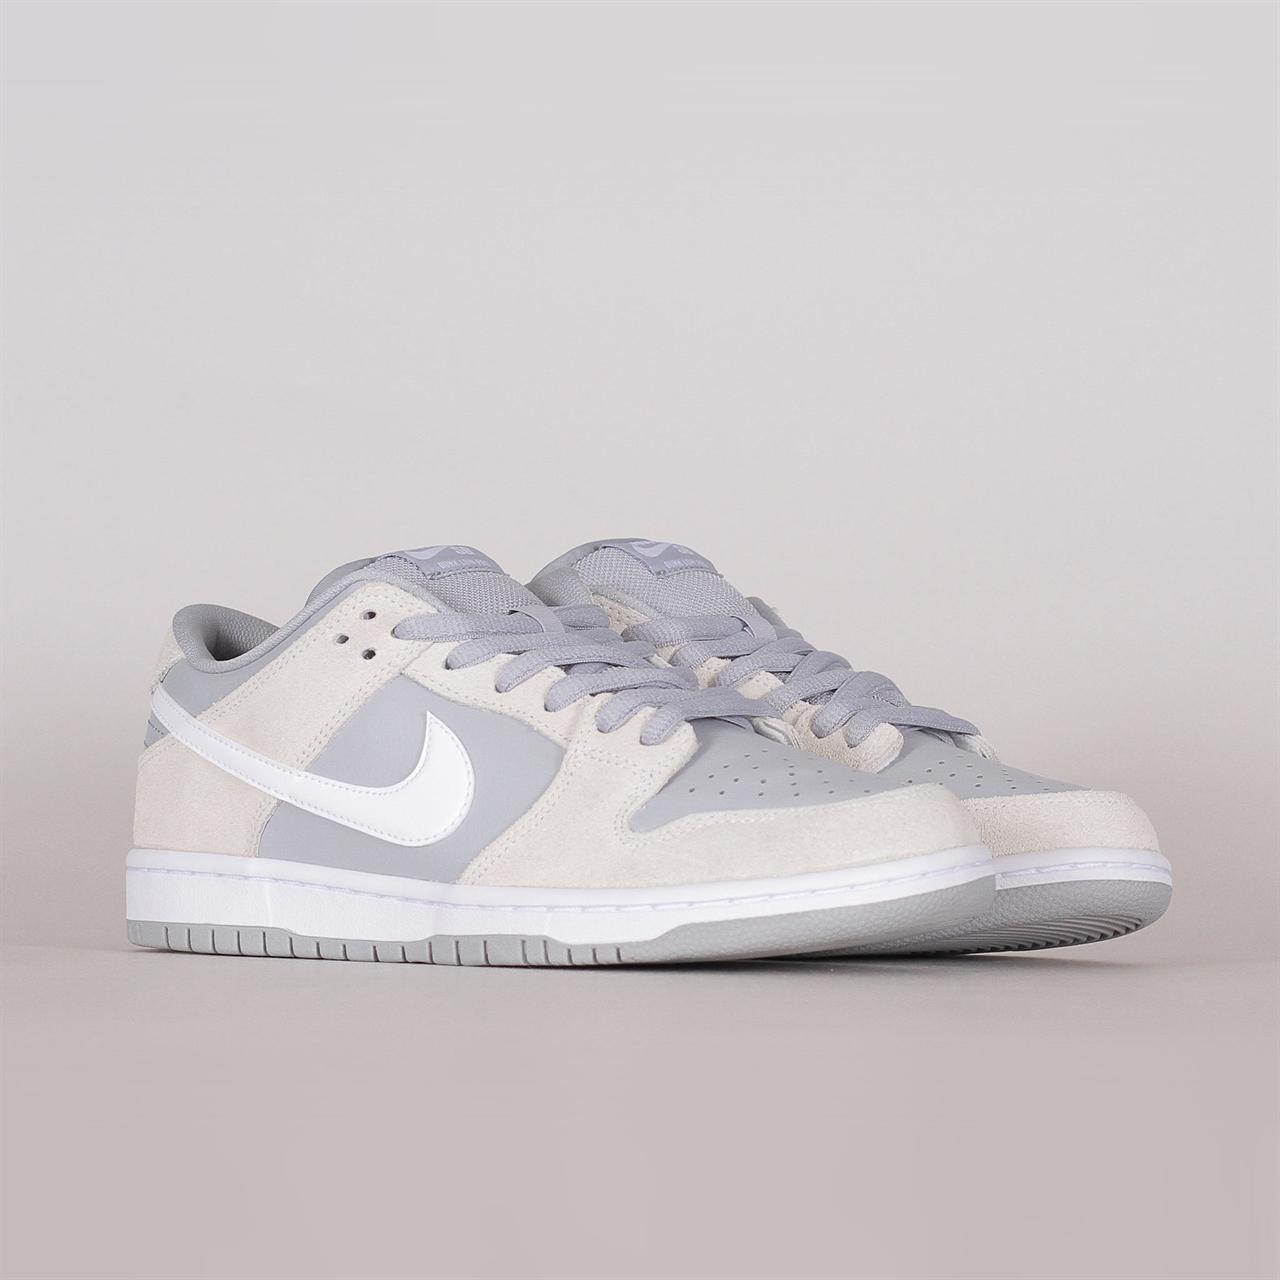 1b2c9237713f Shelta - Nike SB Dunk Low TRD (AR0778-110)